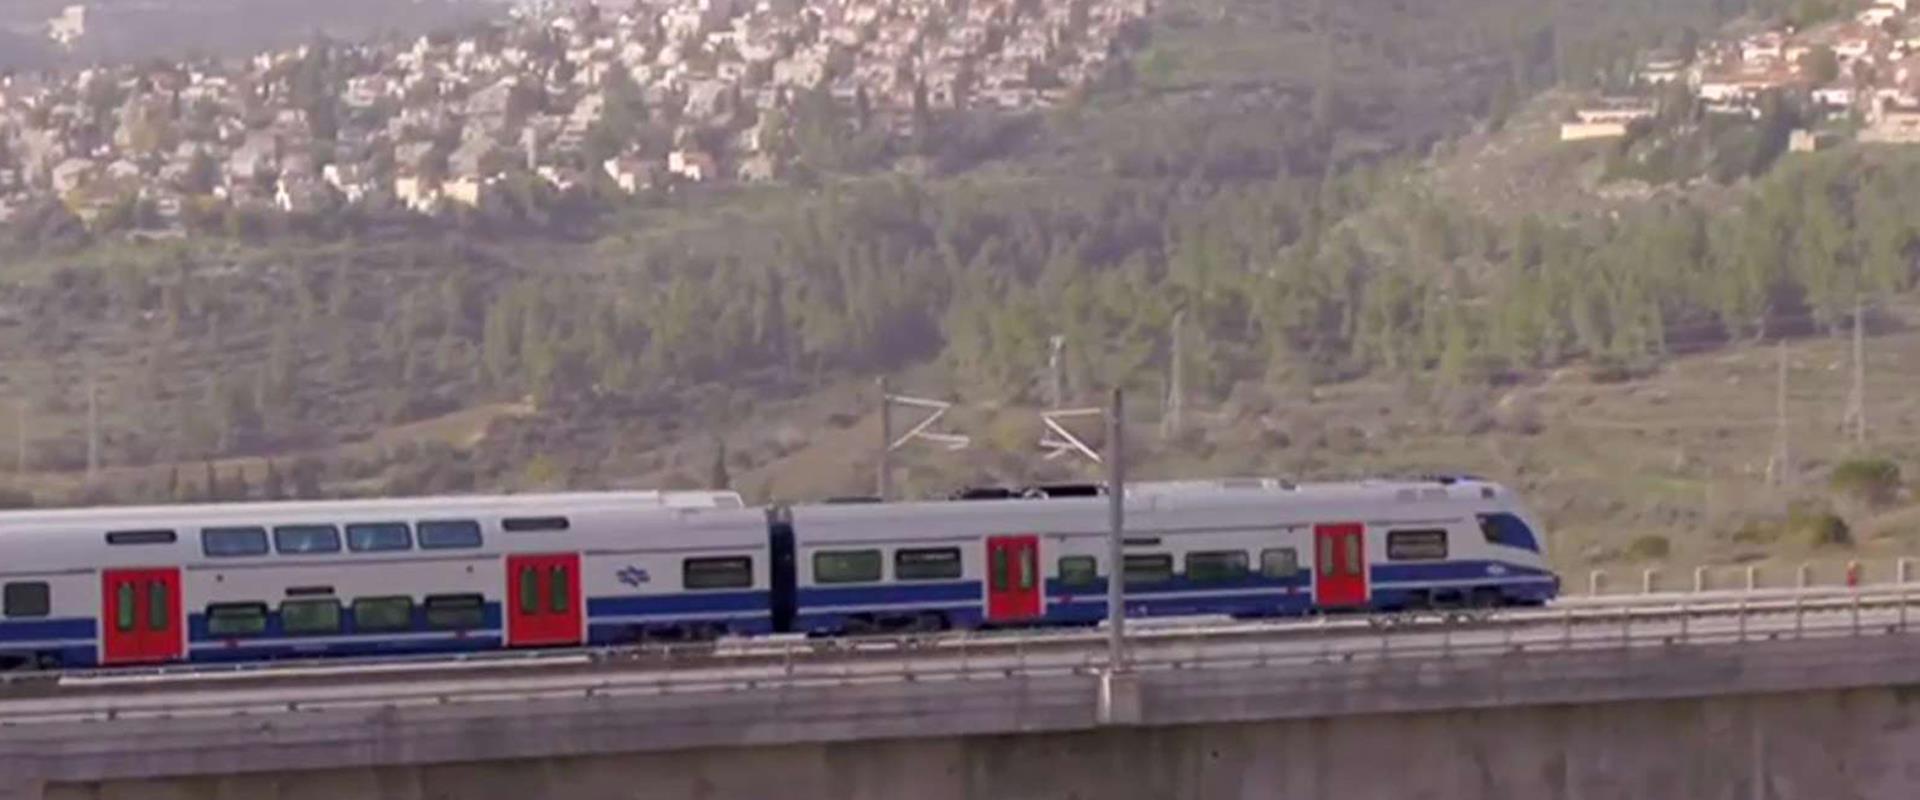 שרון עידן - רכבות חשמליות